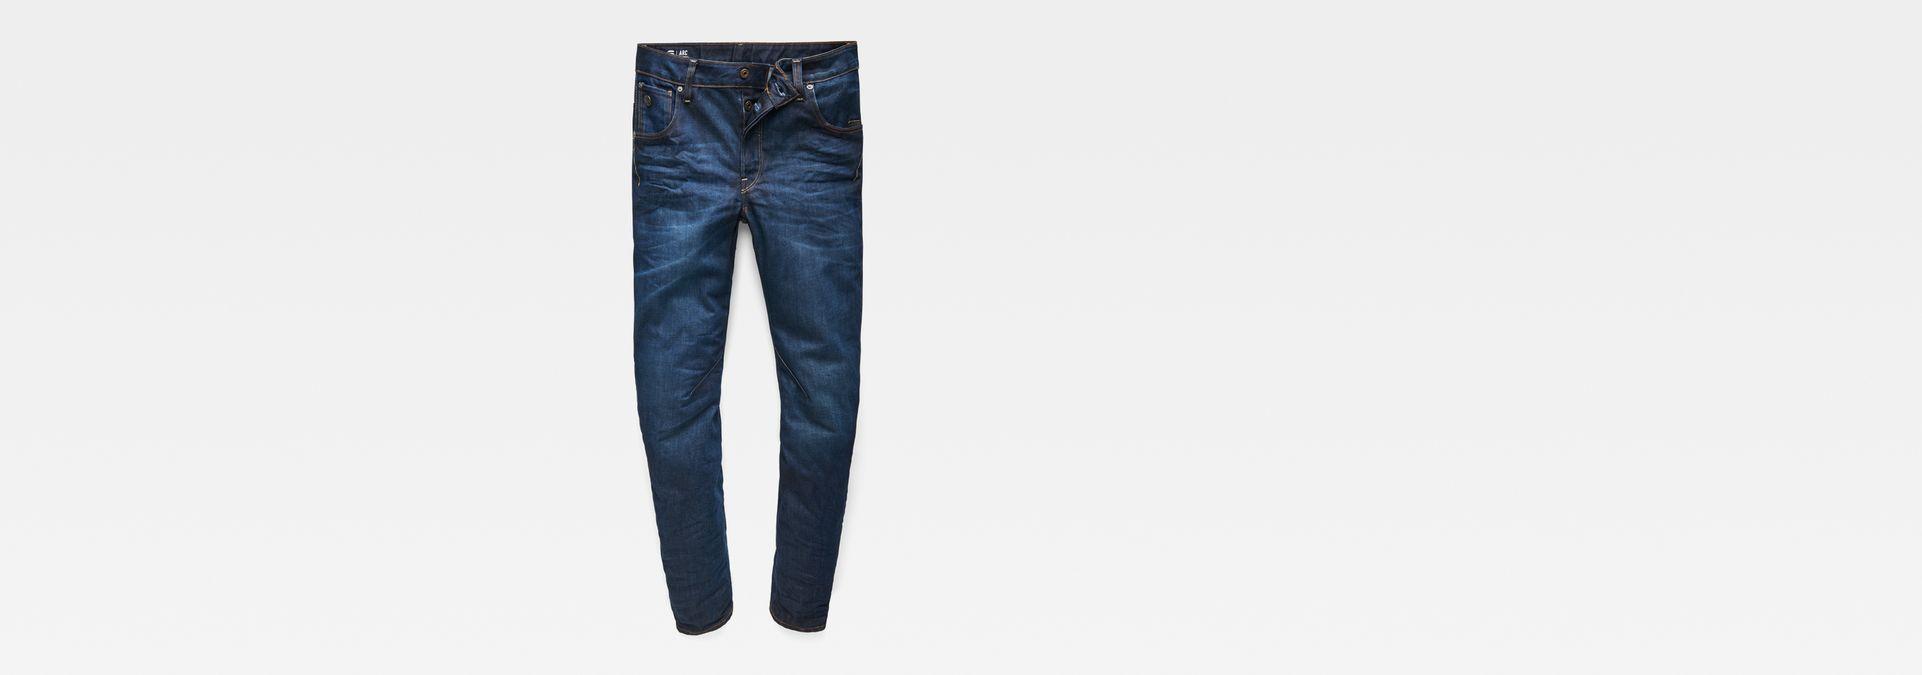 G Star Jeans Womens Size Guide 50 Off Tajpalace Net